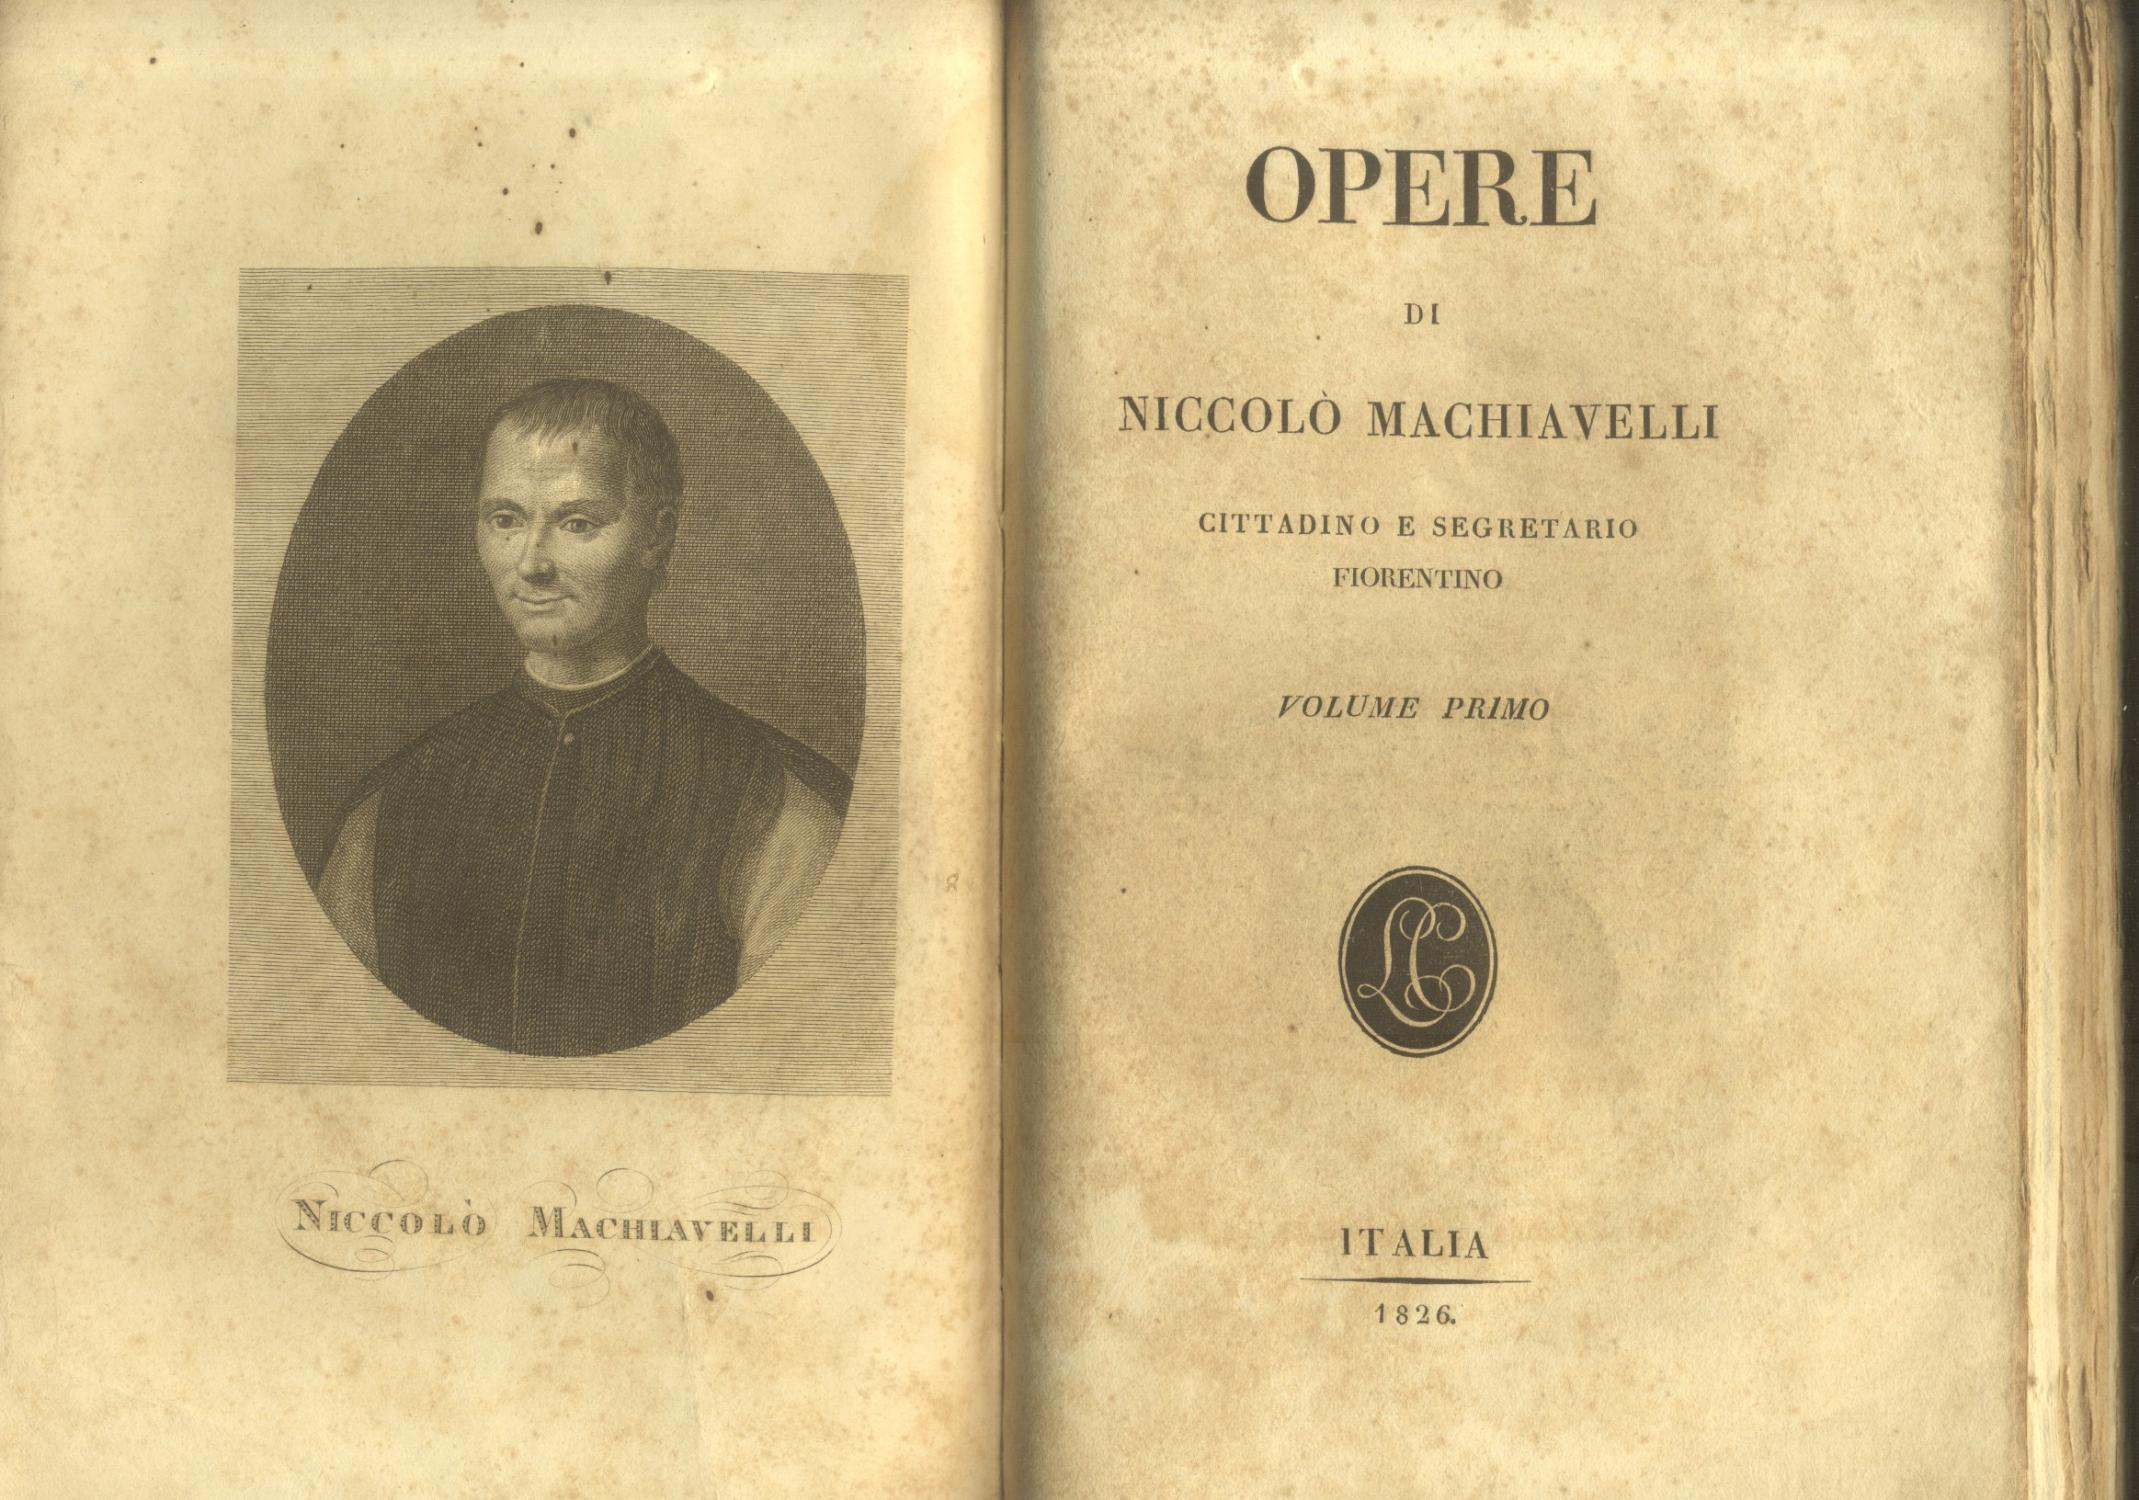 OPERE DI NICCOLO' MACHIAVELLI, CITTADINO E SEGRETARIO FIORENTINO. von  MACHIAVELLI Niccolò.: mediocri Copertina rigida (1826) | studio  bibliografico pera s.a.s.